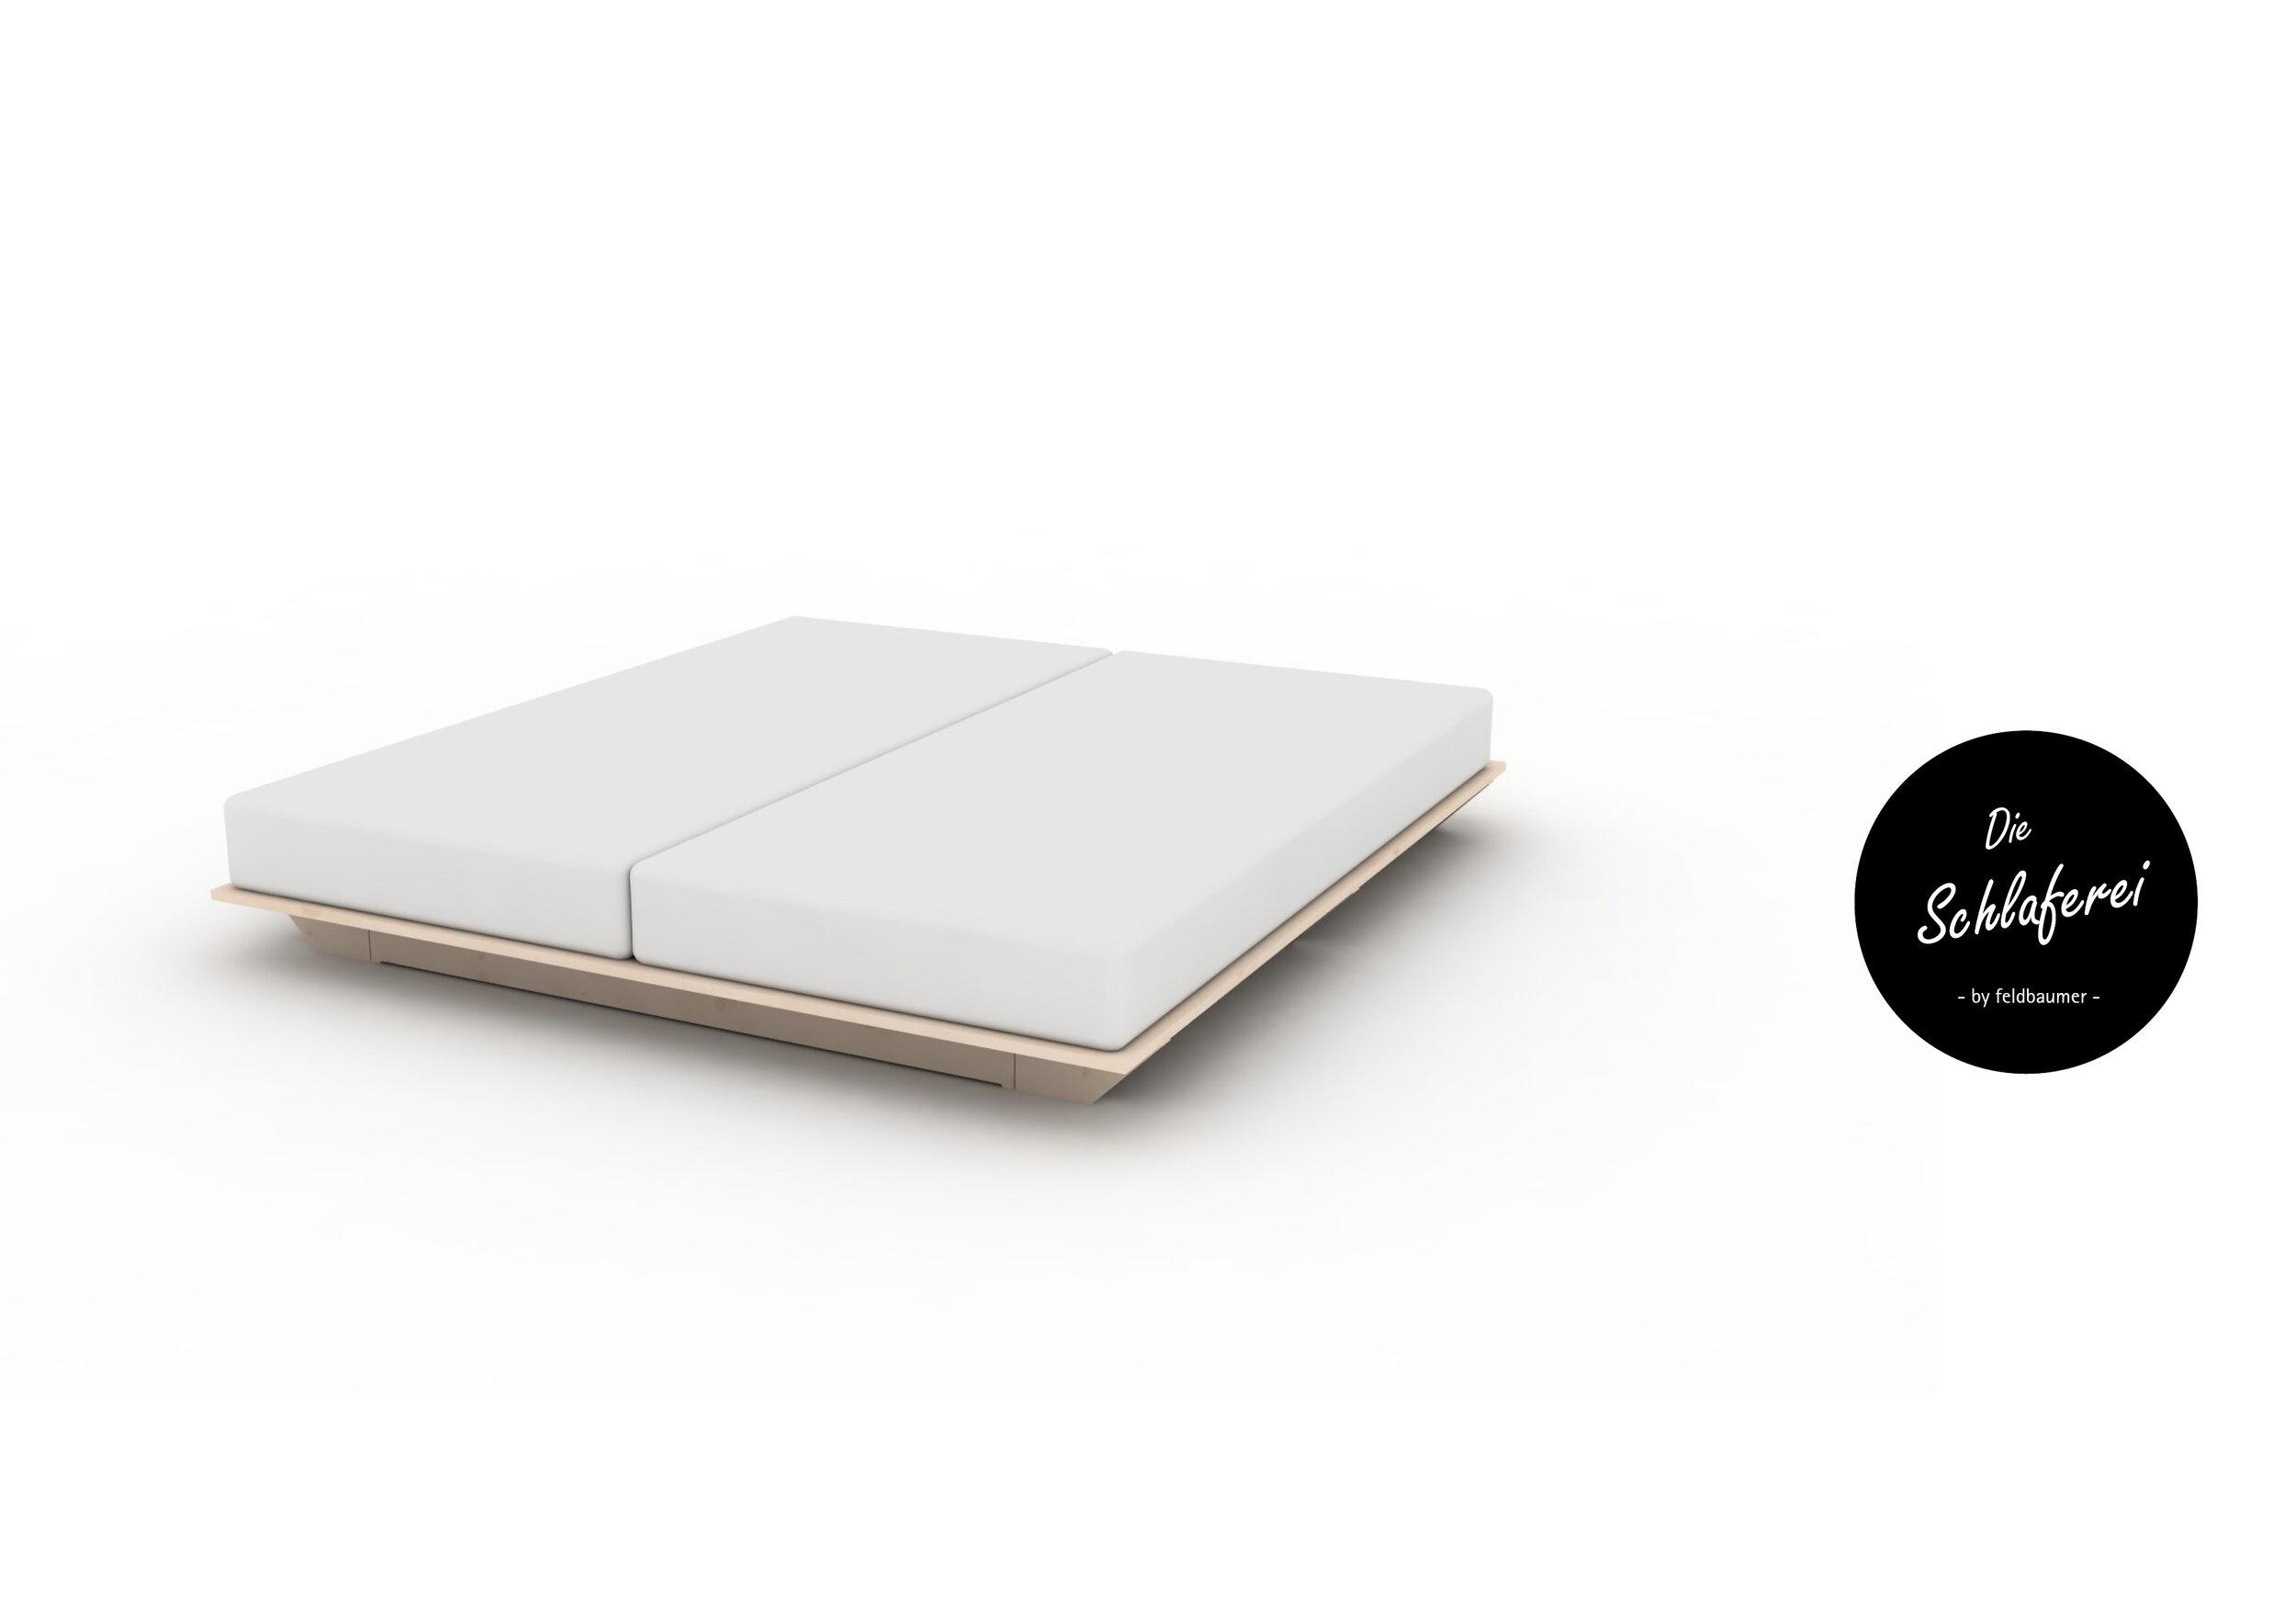 modell 04 - … Plattformbett